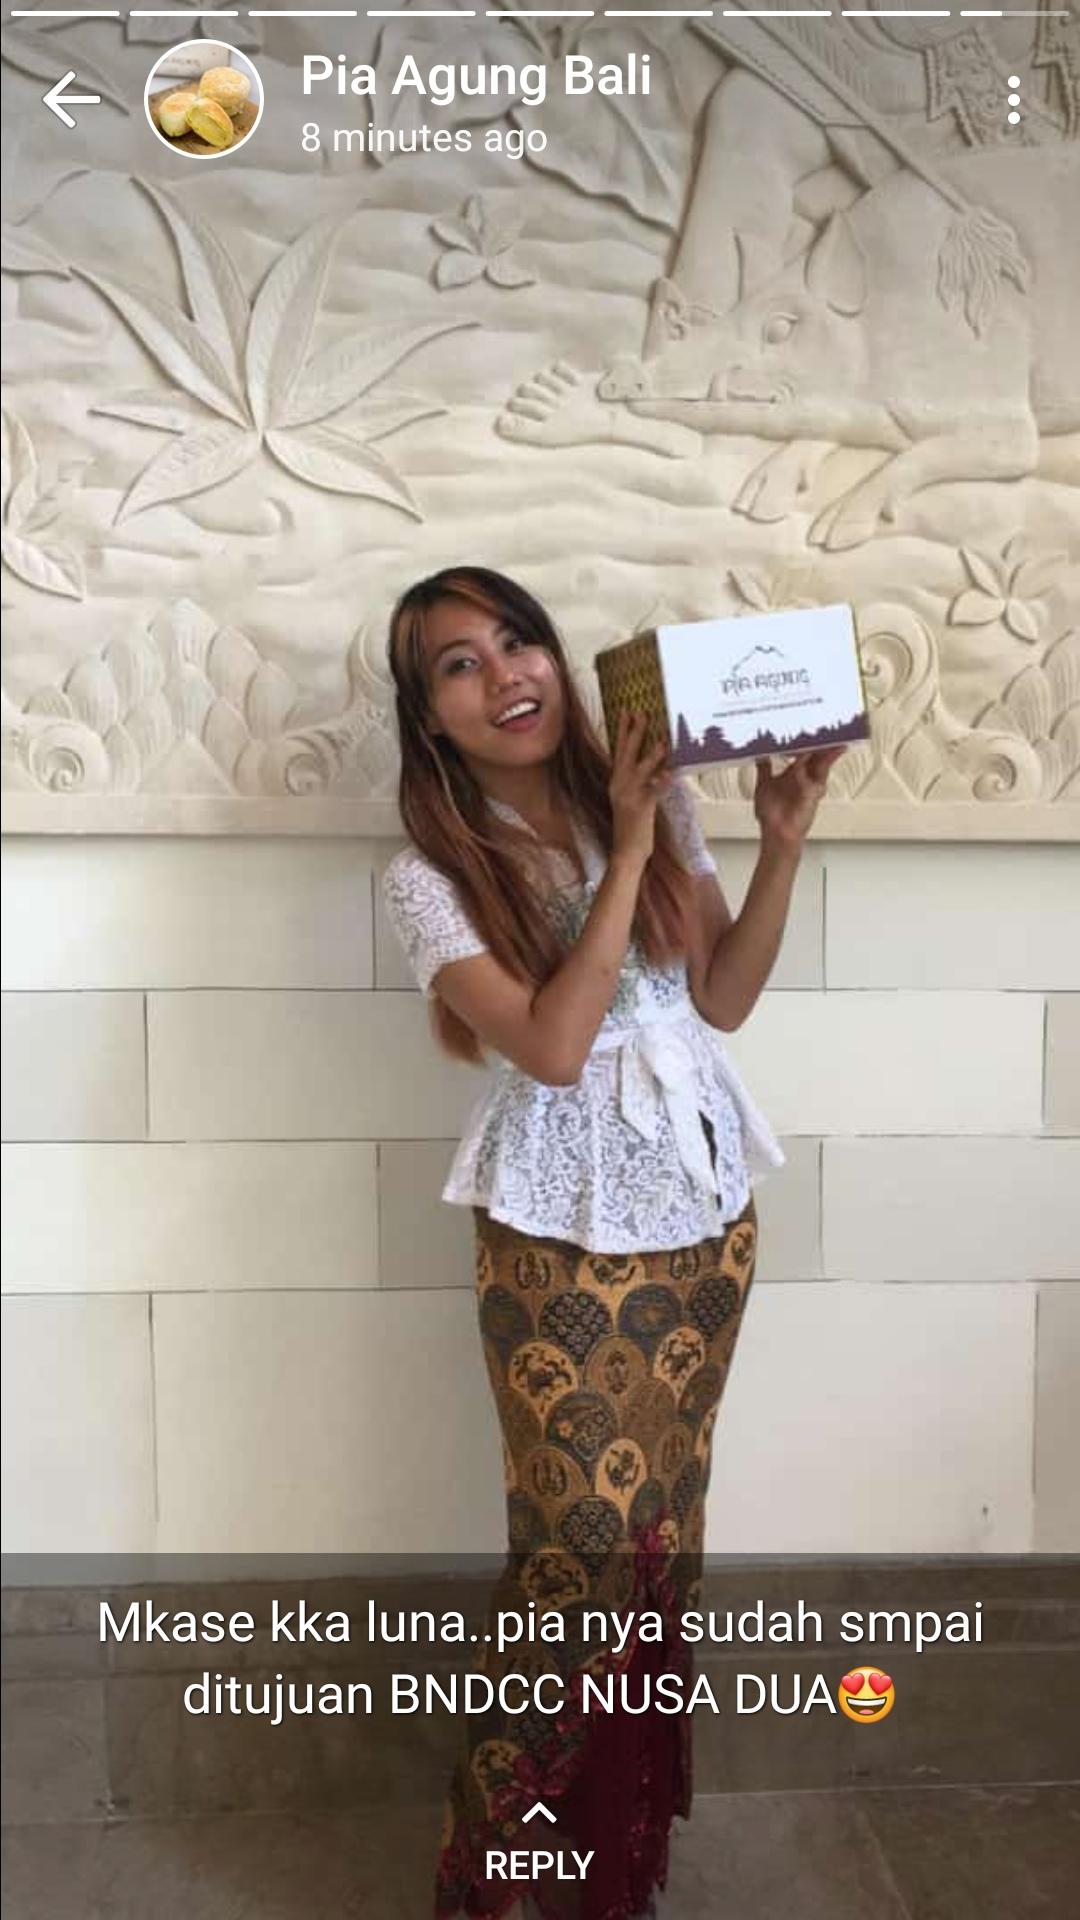 Pia enak Bali Gratis Delivery